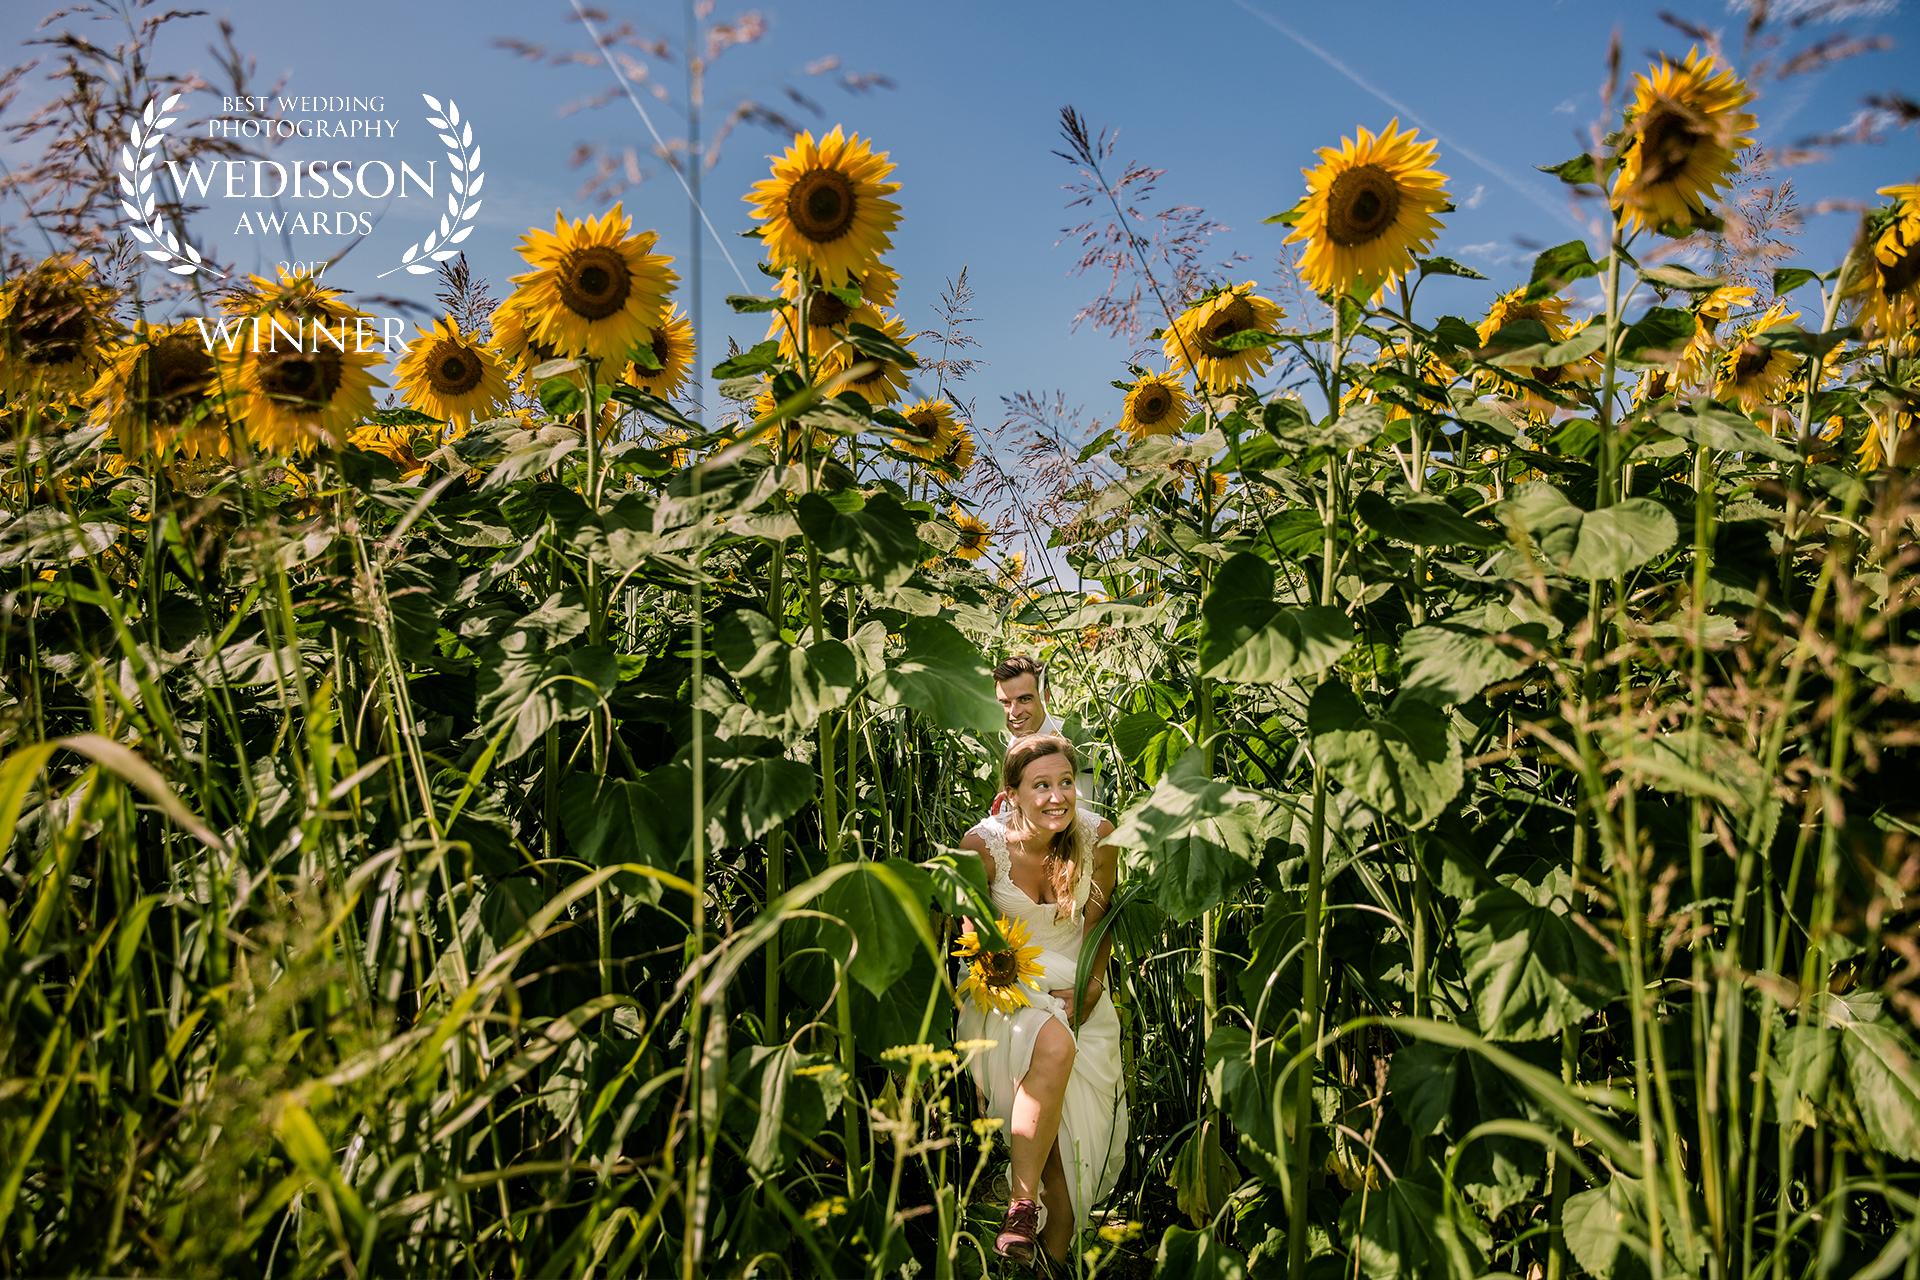 Award-winning_bruidsfotograaf_Beste_Fotograaf_02